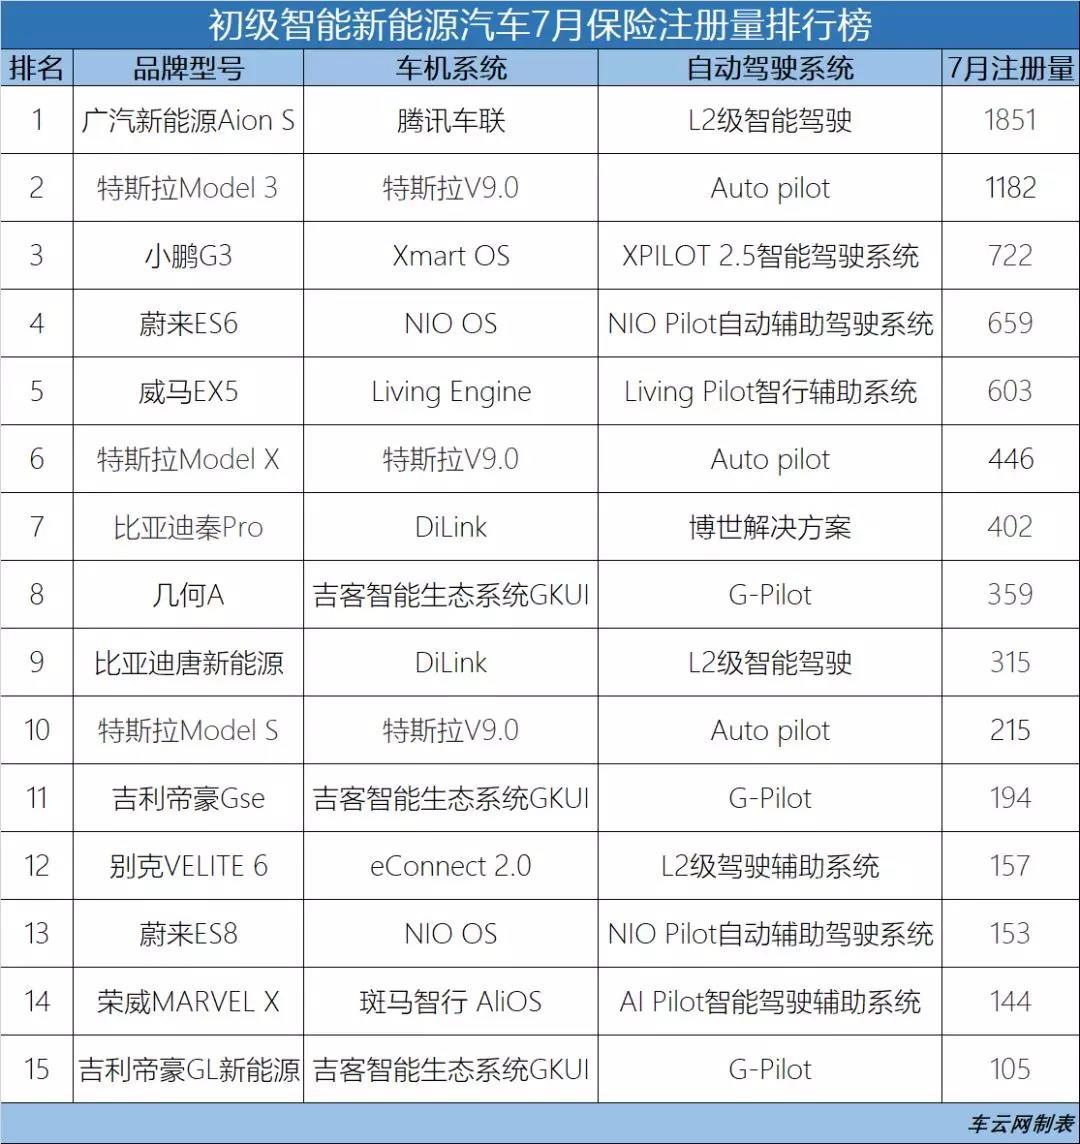 表格二:新能源智能化榜单